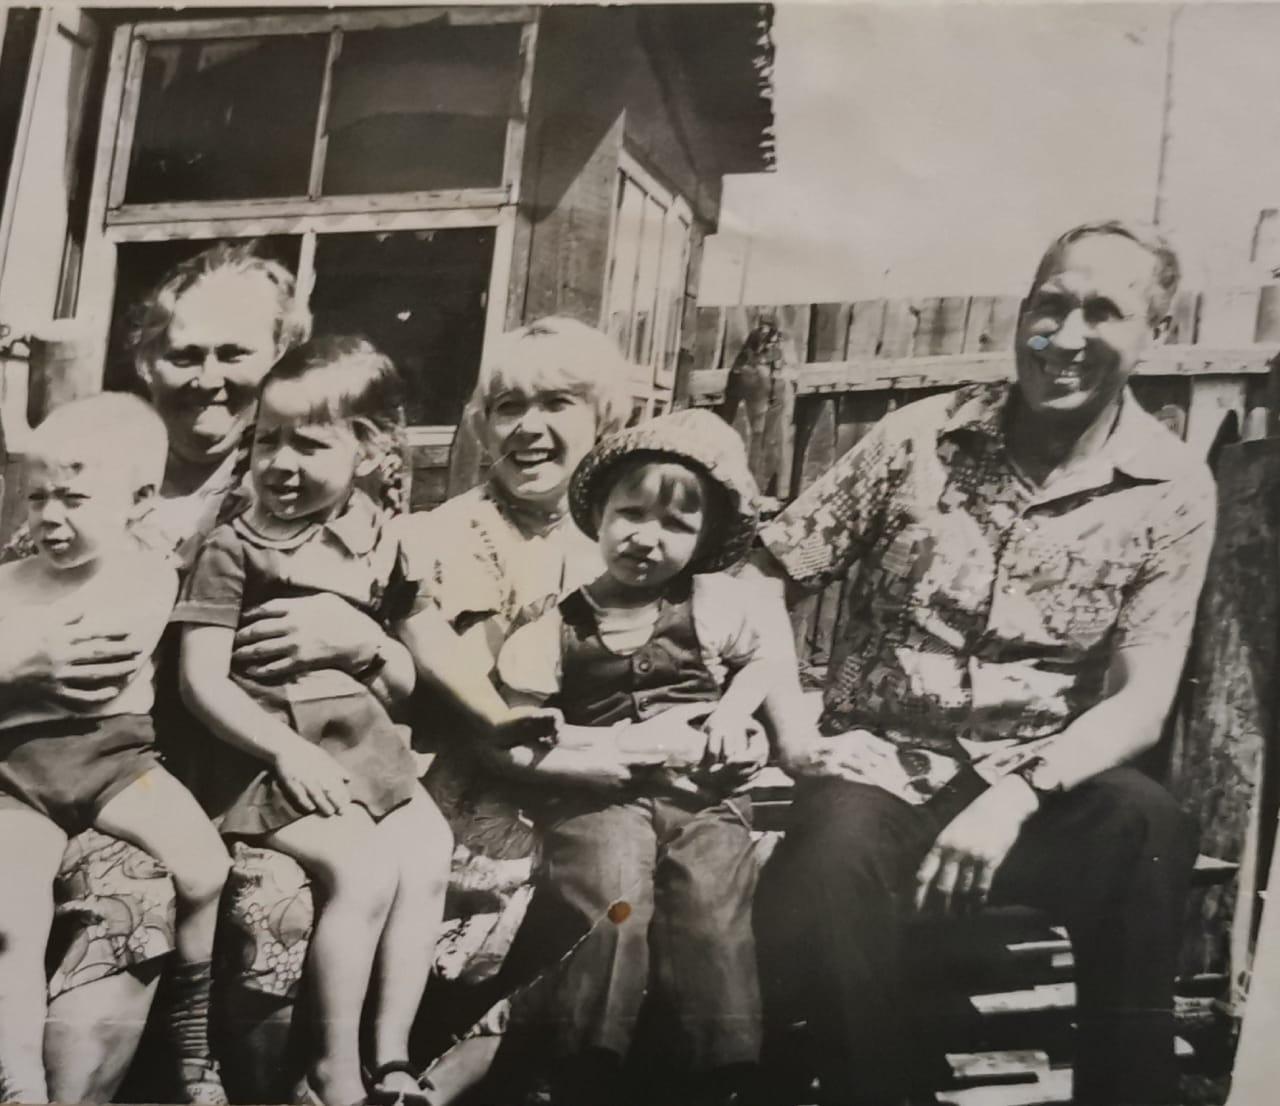 фото «Мне некуда идти»: под Новосибирском родственники выгнали из дома 89-летнюю пенсионерку 3